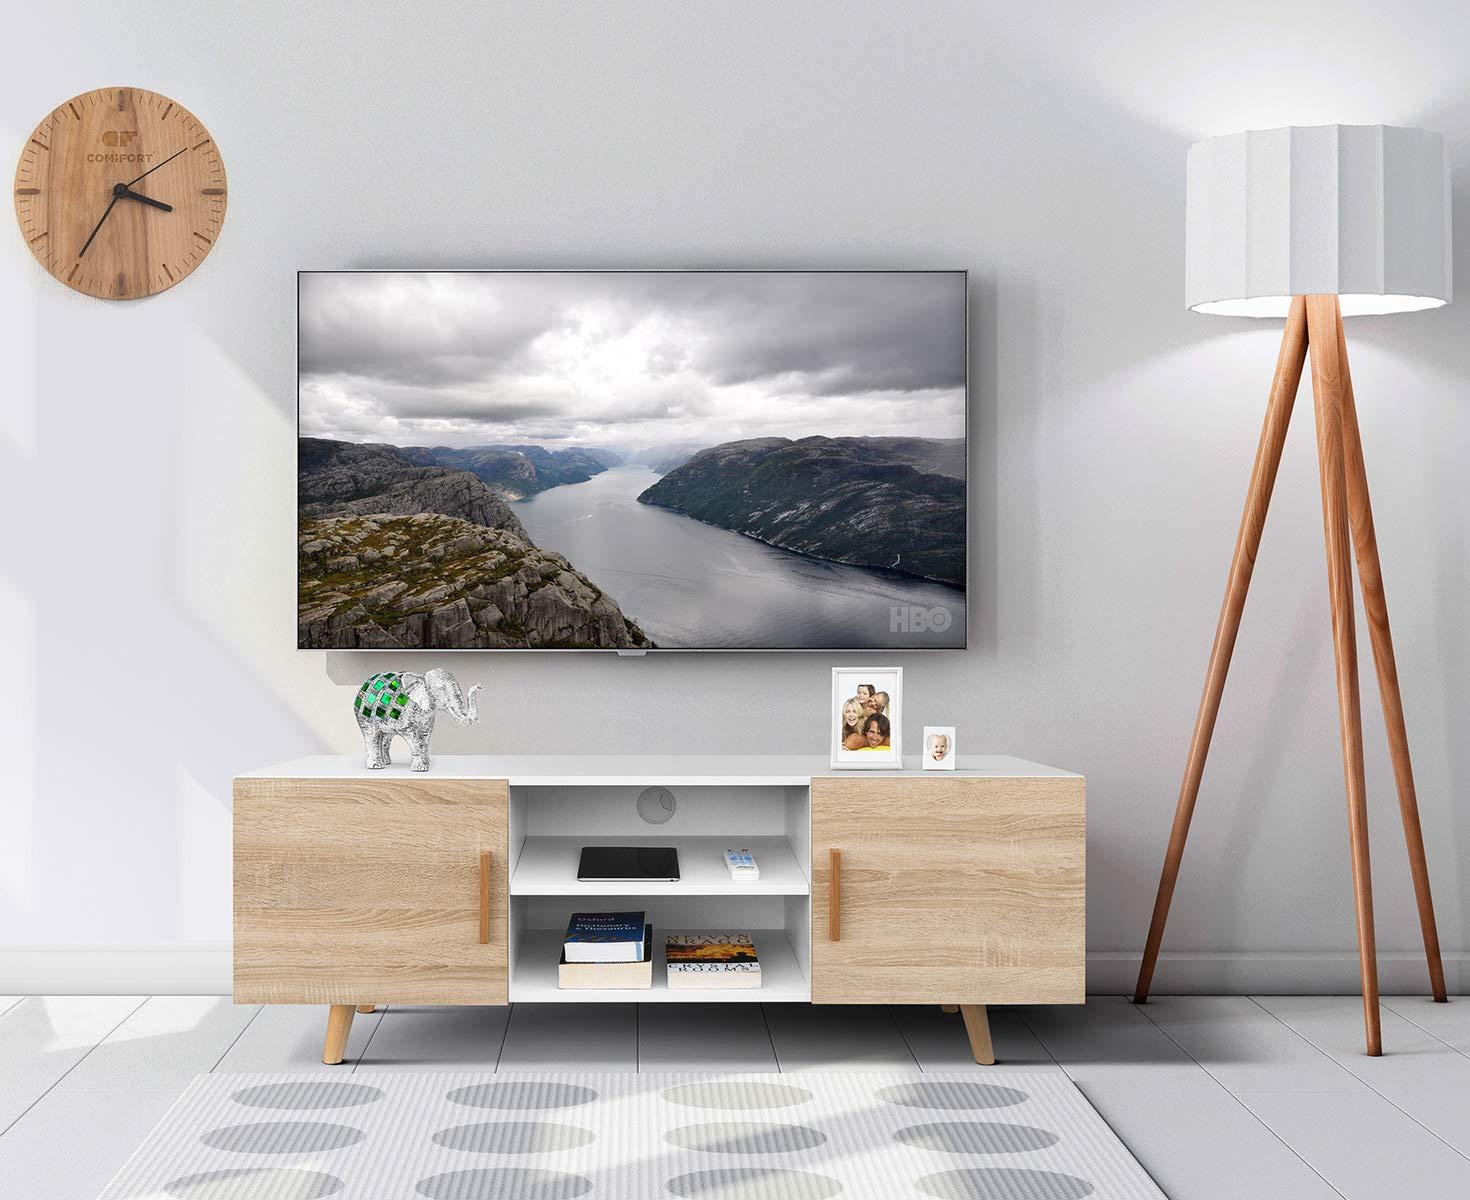 comifort tv85 - Meuble TV Salon Style Moderne Nordique Table télévision,  Couleurs: Blanc, chêne, Blanc/chêne 140 x 42 x 50 cm